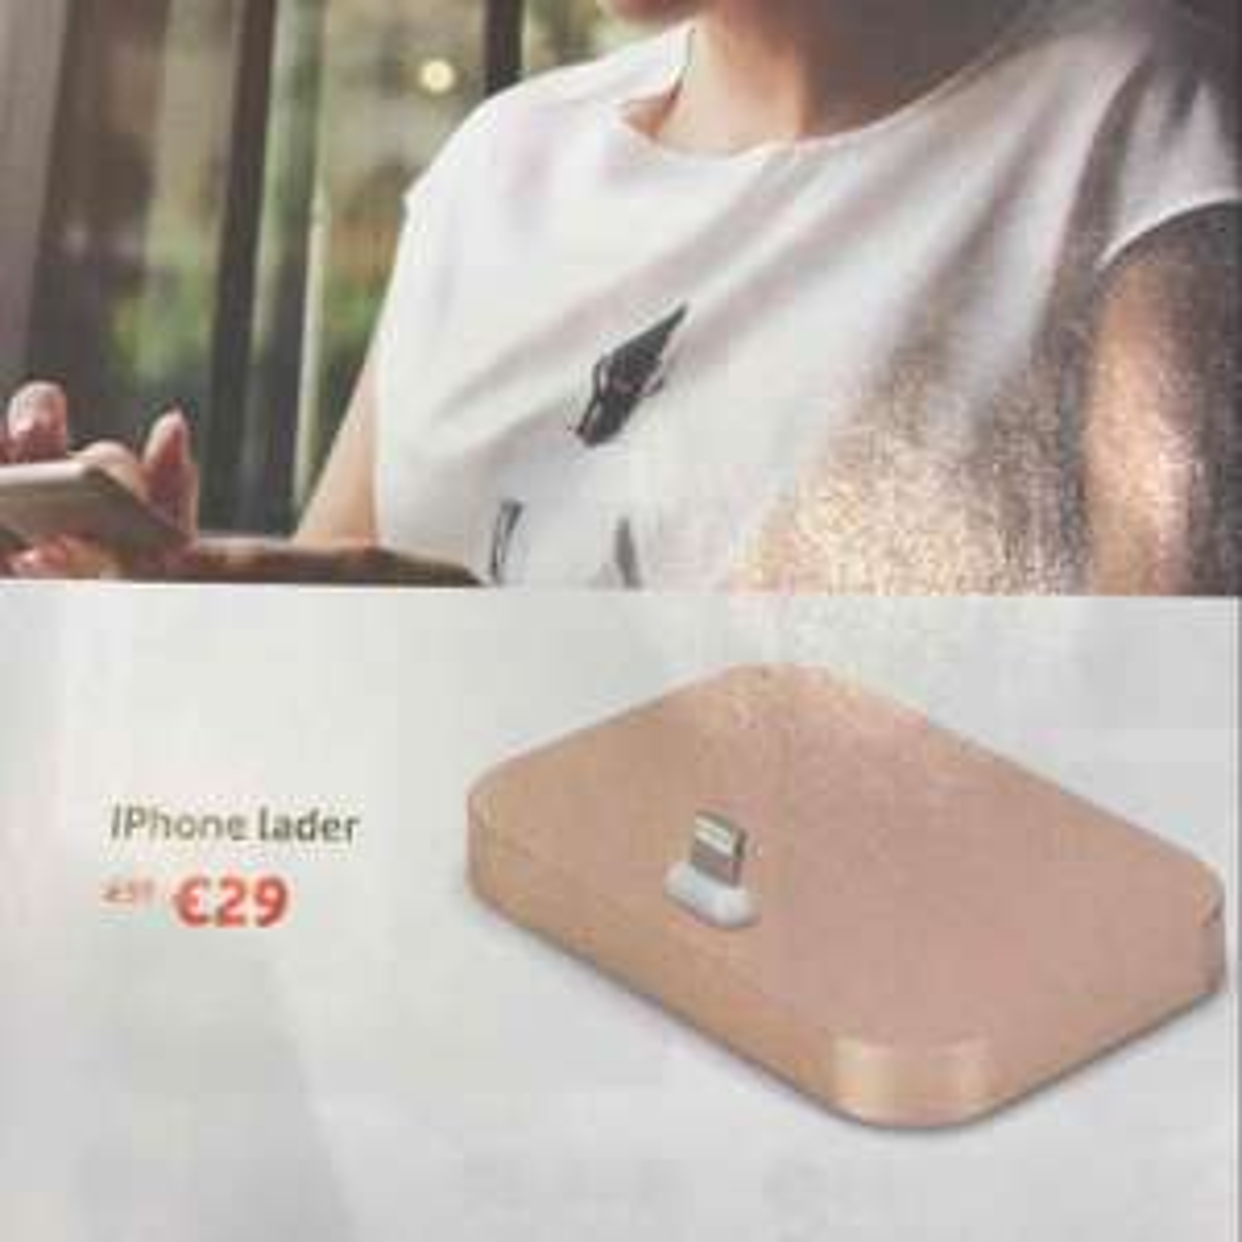 Apple Lightning dock voor €29 @ Vodafone winkels